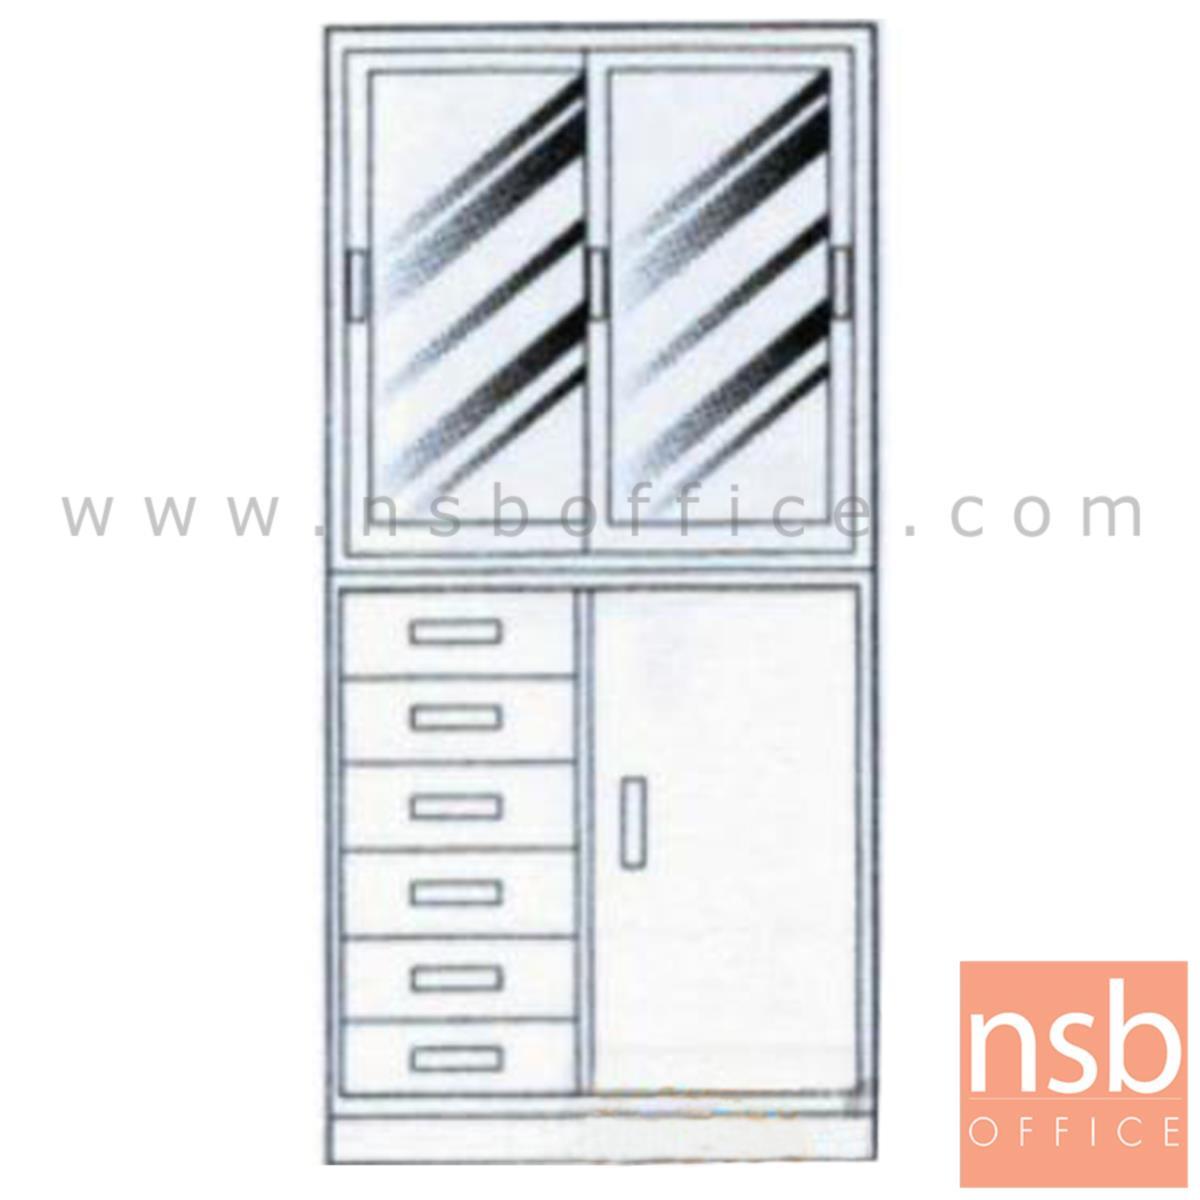 E02A044:ชุดตู้เก็บเอกสารเหล็ก 4 ฟุต บนบานเลื่อนกระจก ล่างตู้ 3 in 1 พร้อมฐานรอง